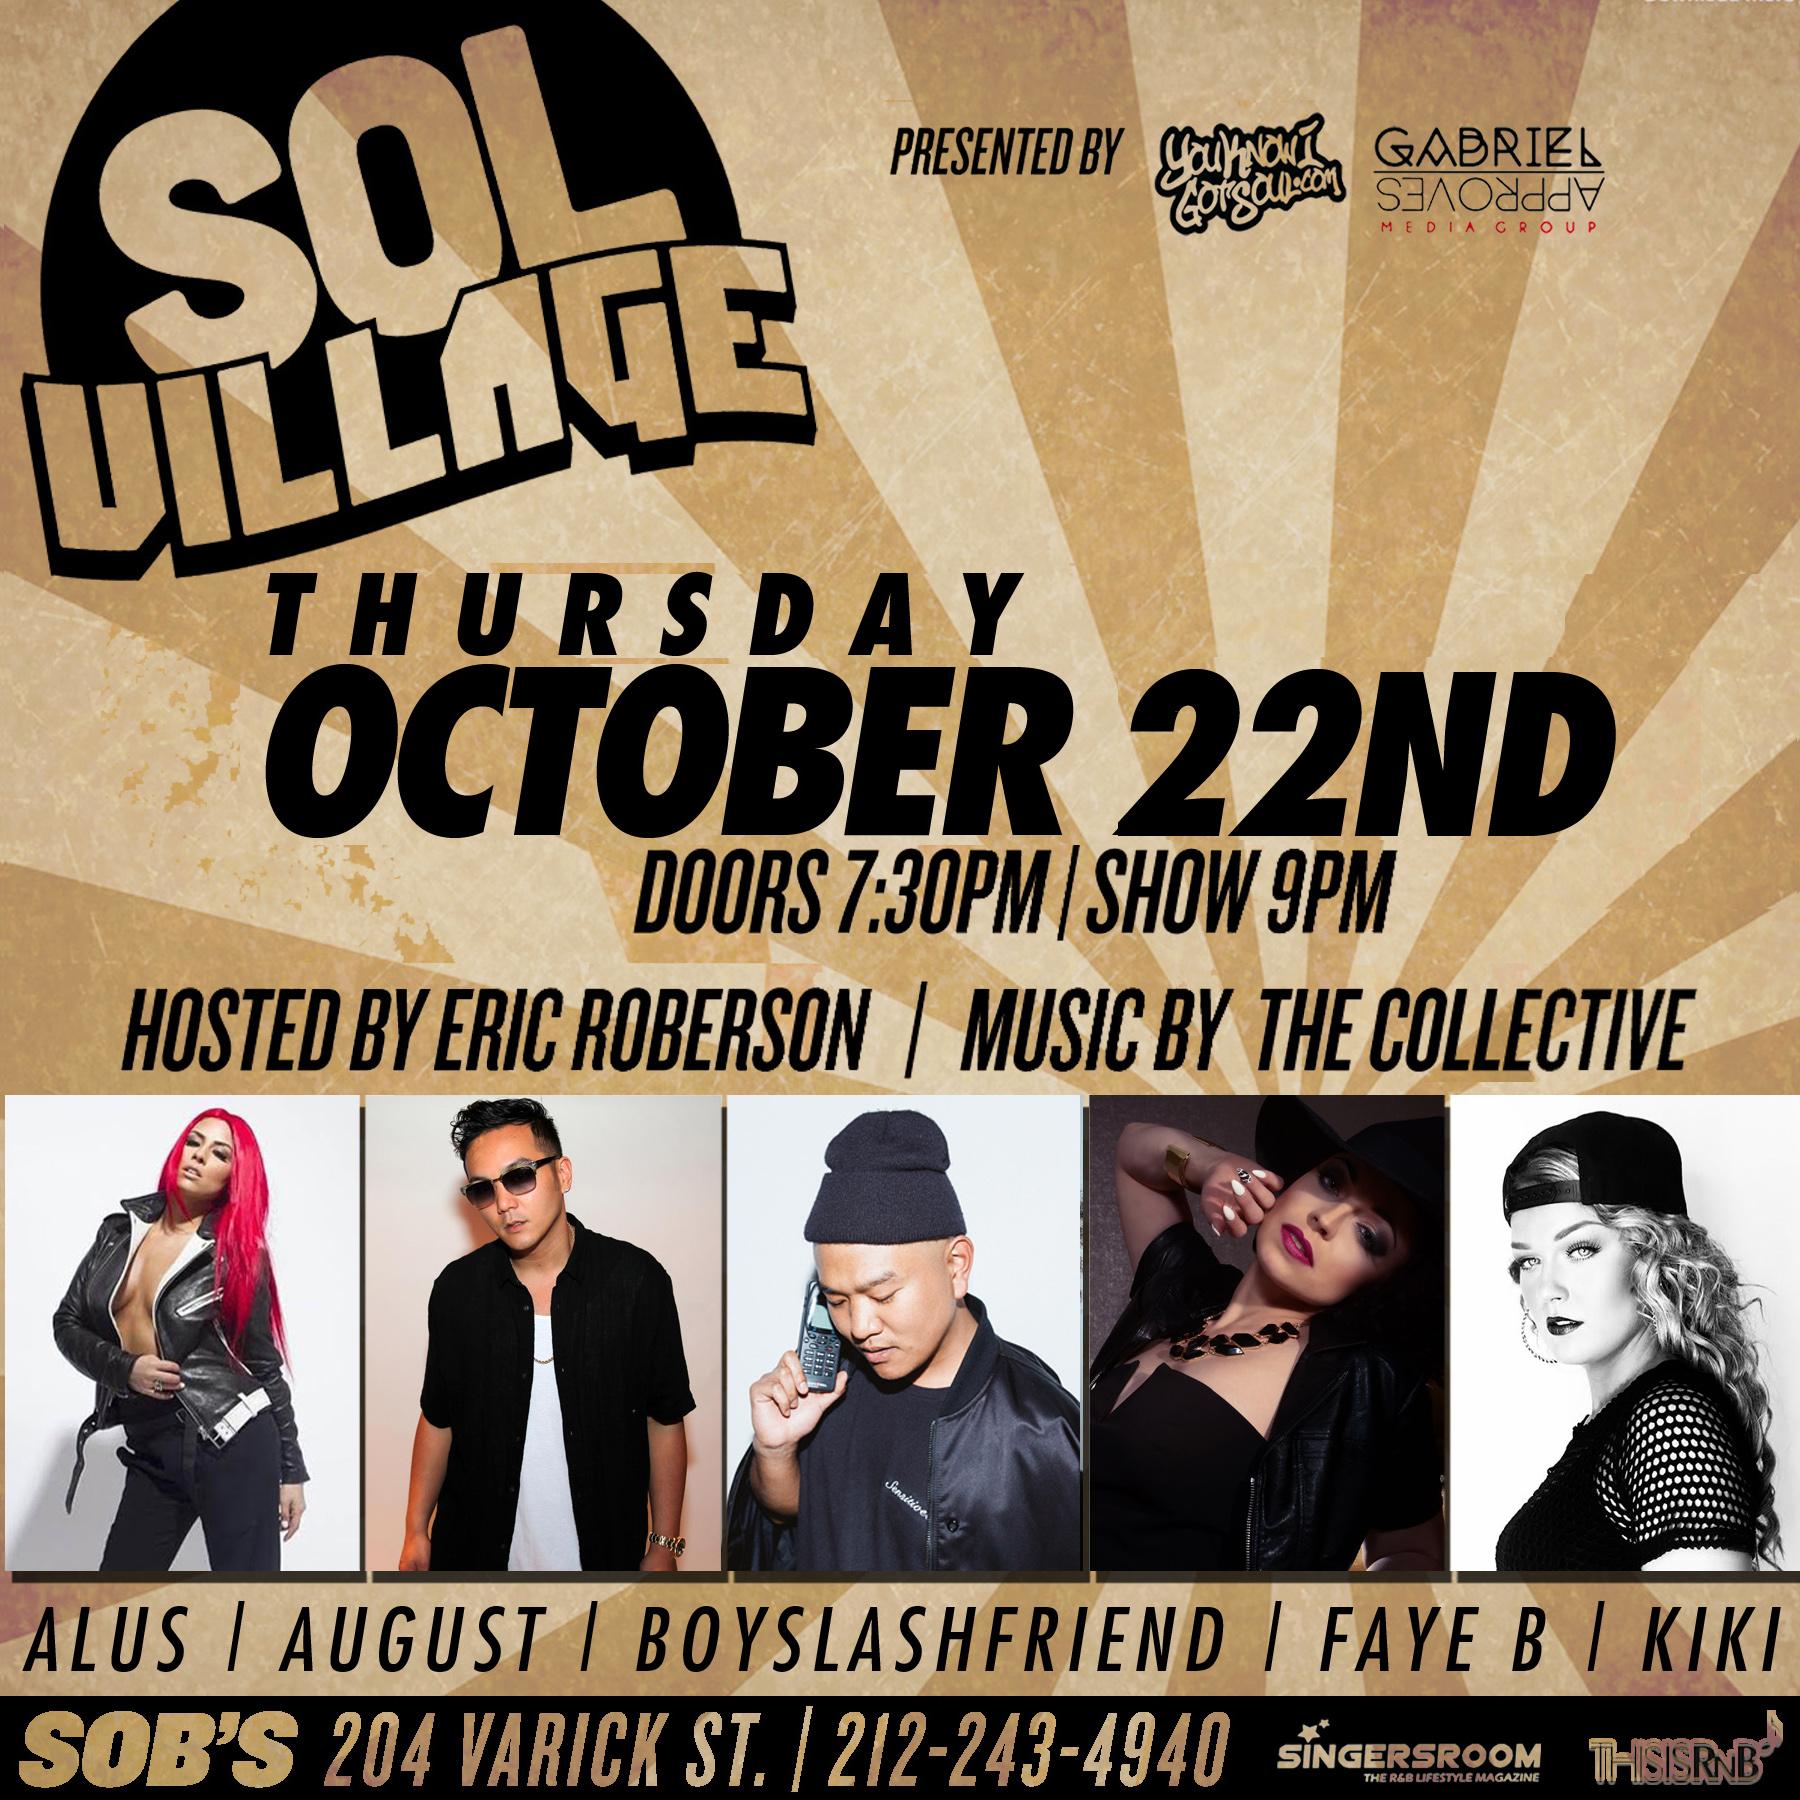 Sol Village Returns 10/21 With Alus, August Rigo, BoySlashFriend, Faye B & Kiki Ireland at SOB's